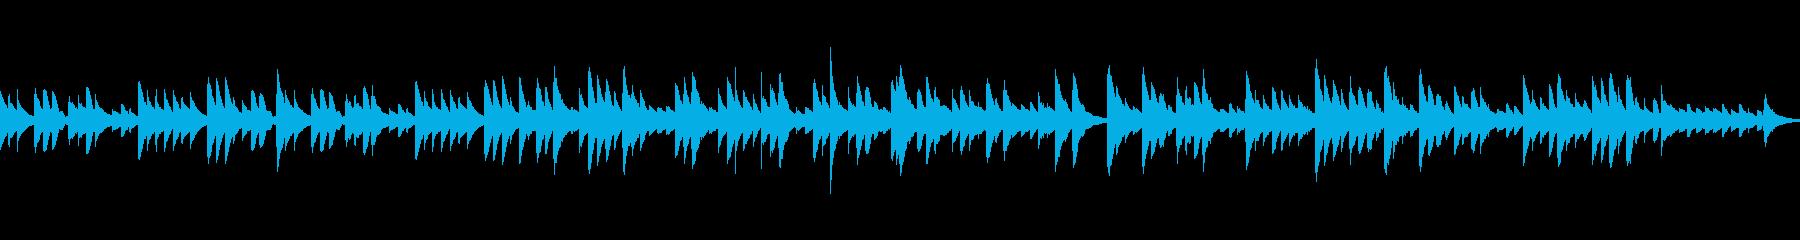 優しく切ない雰囲気のオルゴール曲の再生済みの波形